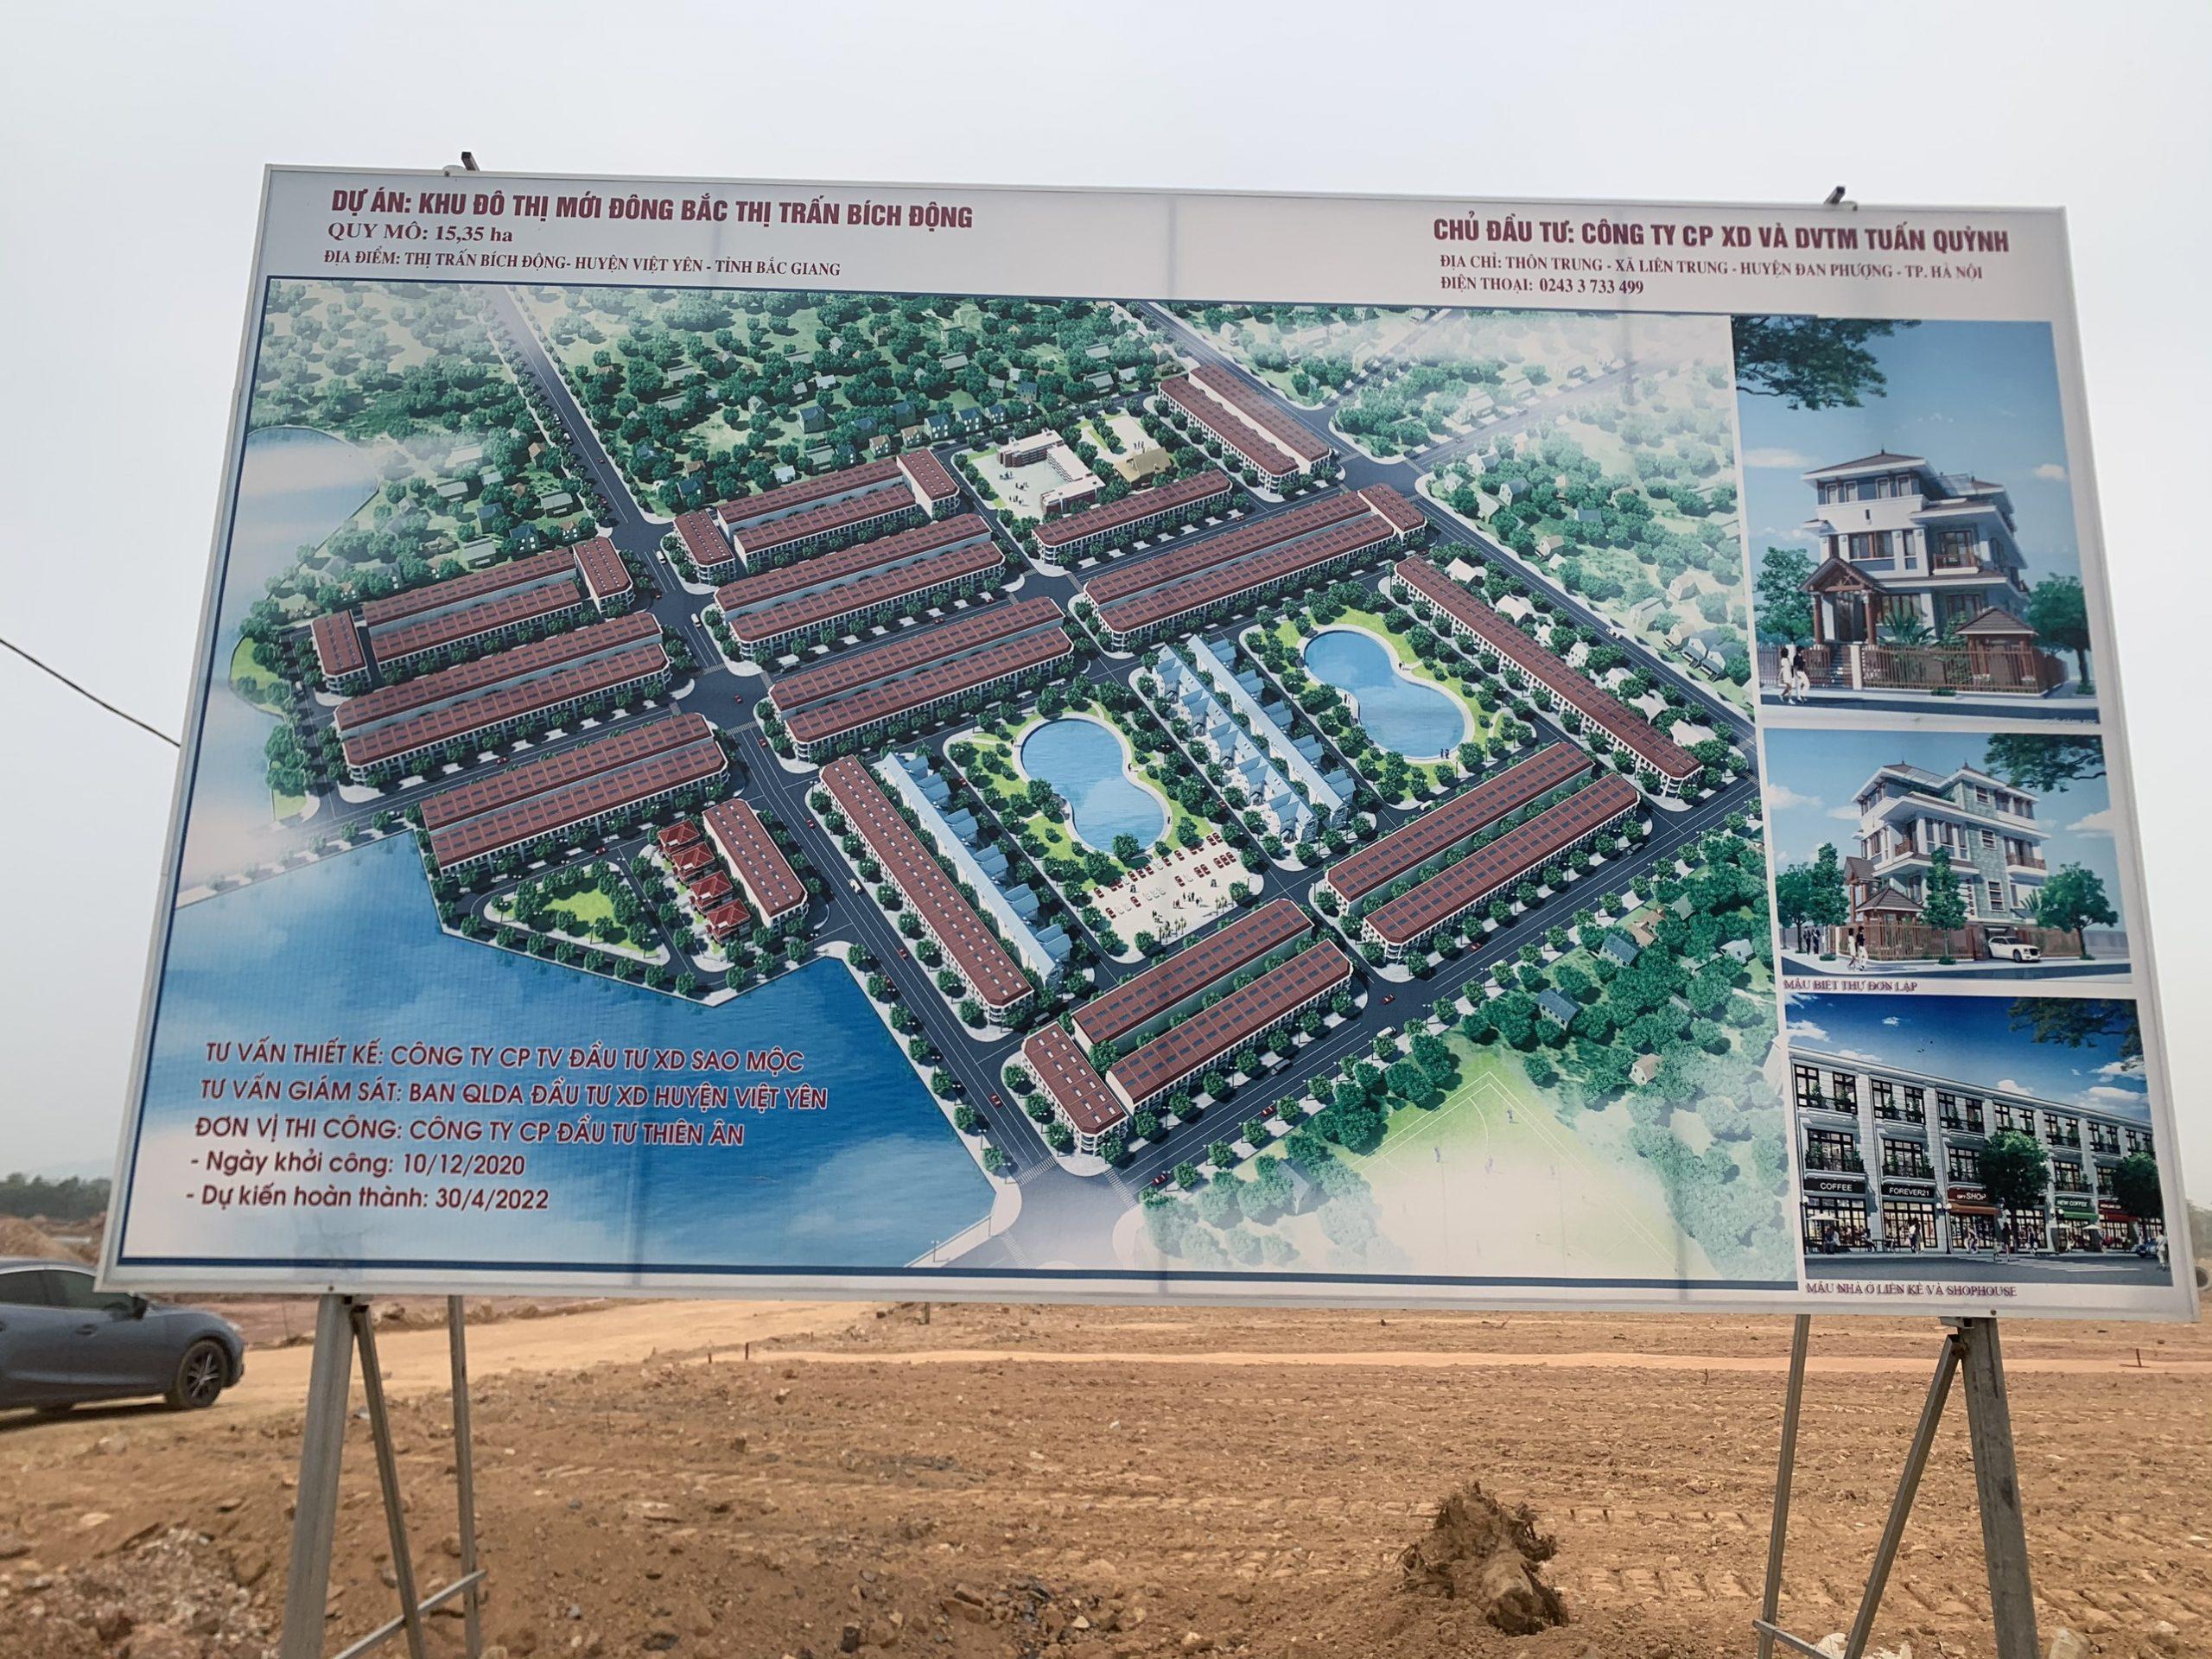 Khu Đô Thị Đông Bắc Thị Trấn Bích Động, Việt Yên, Bắc Giang